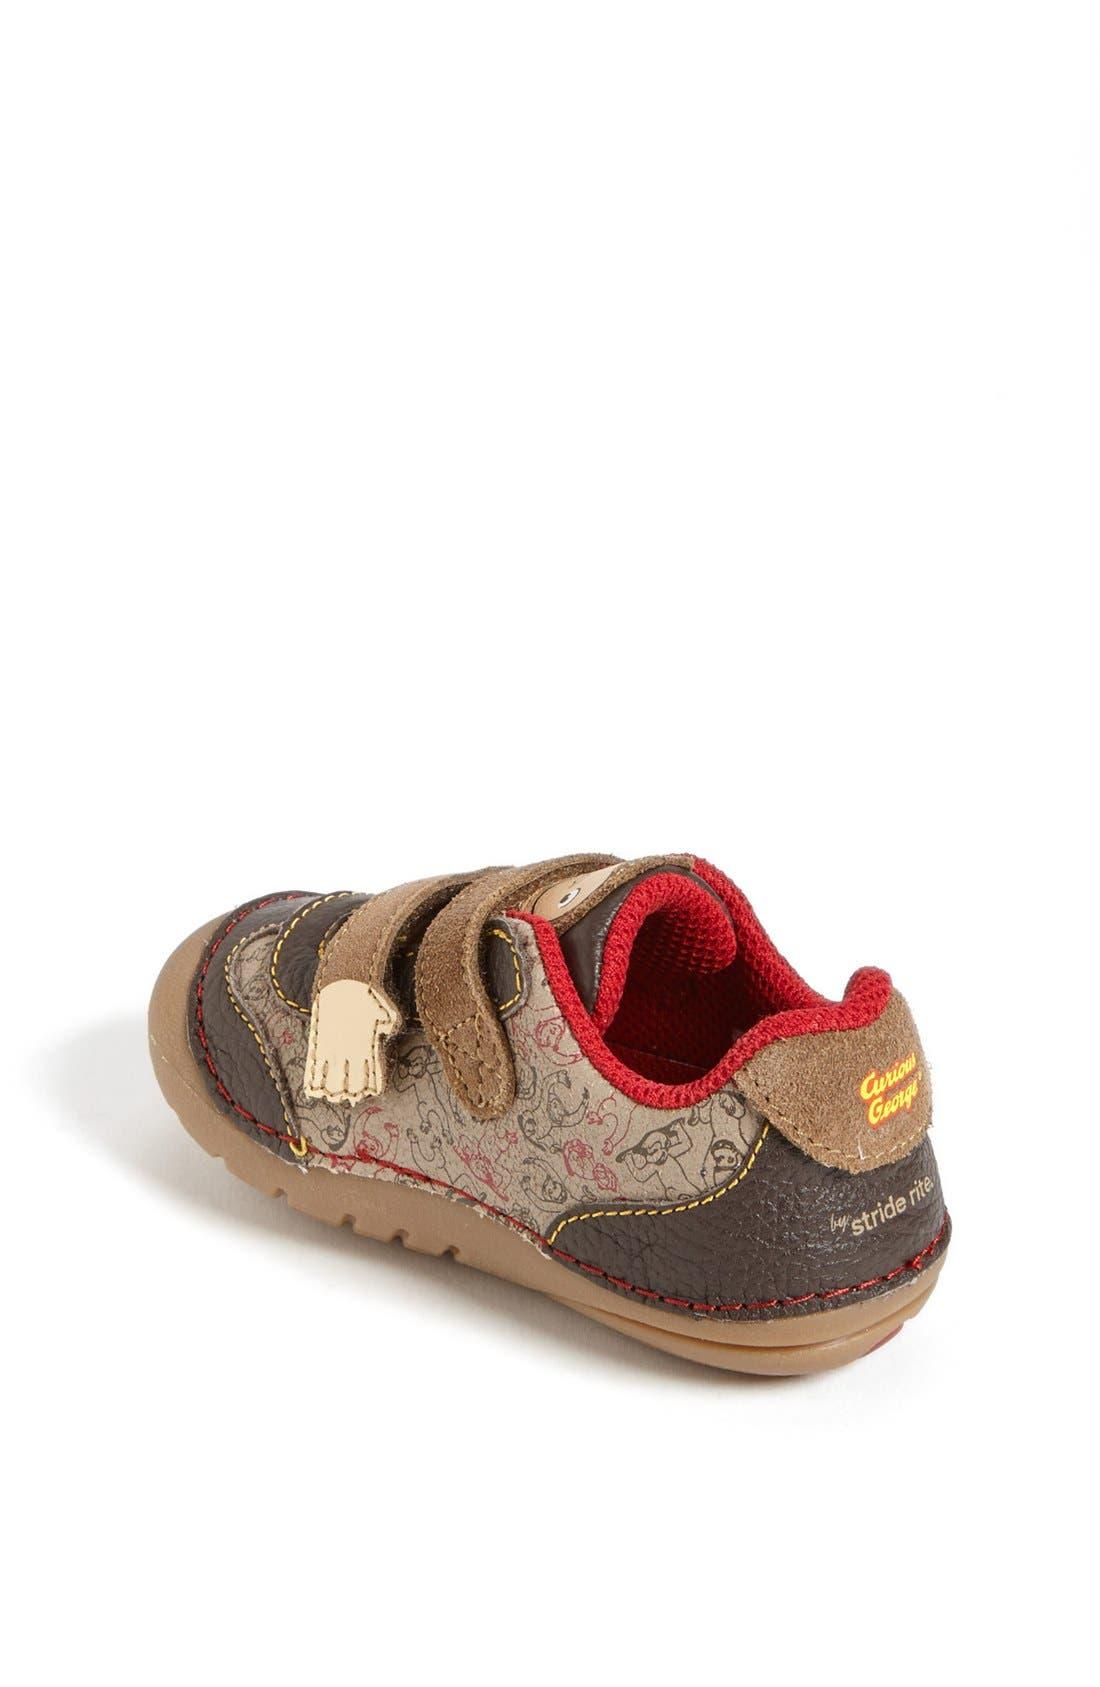 Alternate Image 2  - Stride Rite 'Curious George' Sneaker (Baby & Walker)